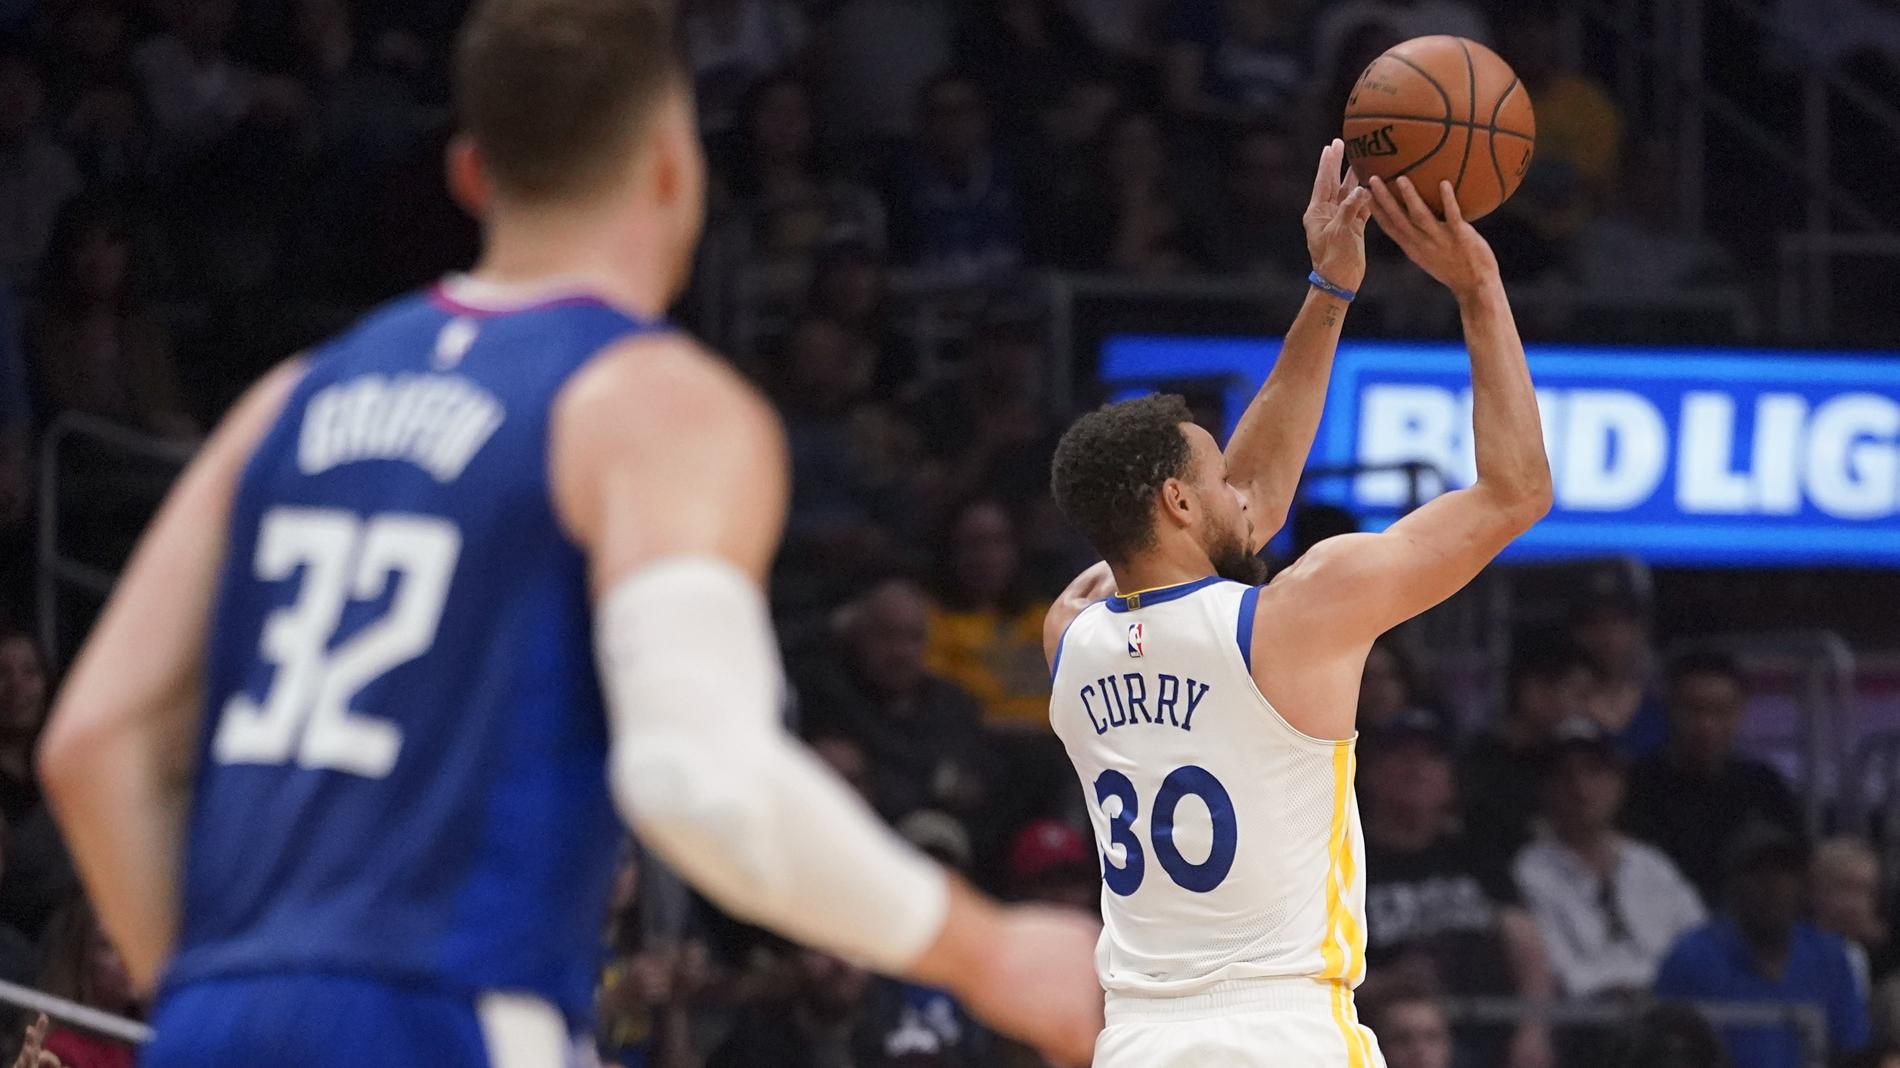 El imparable Curry lanzando a canasta